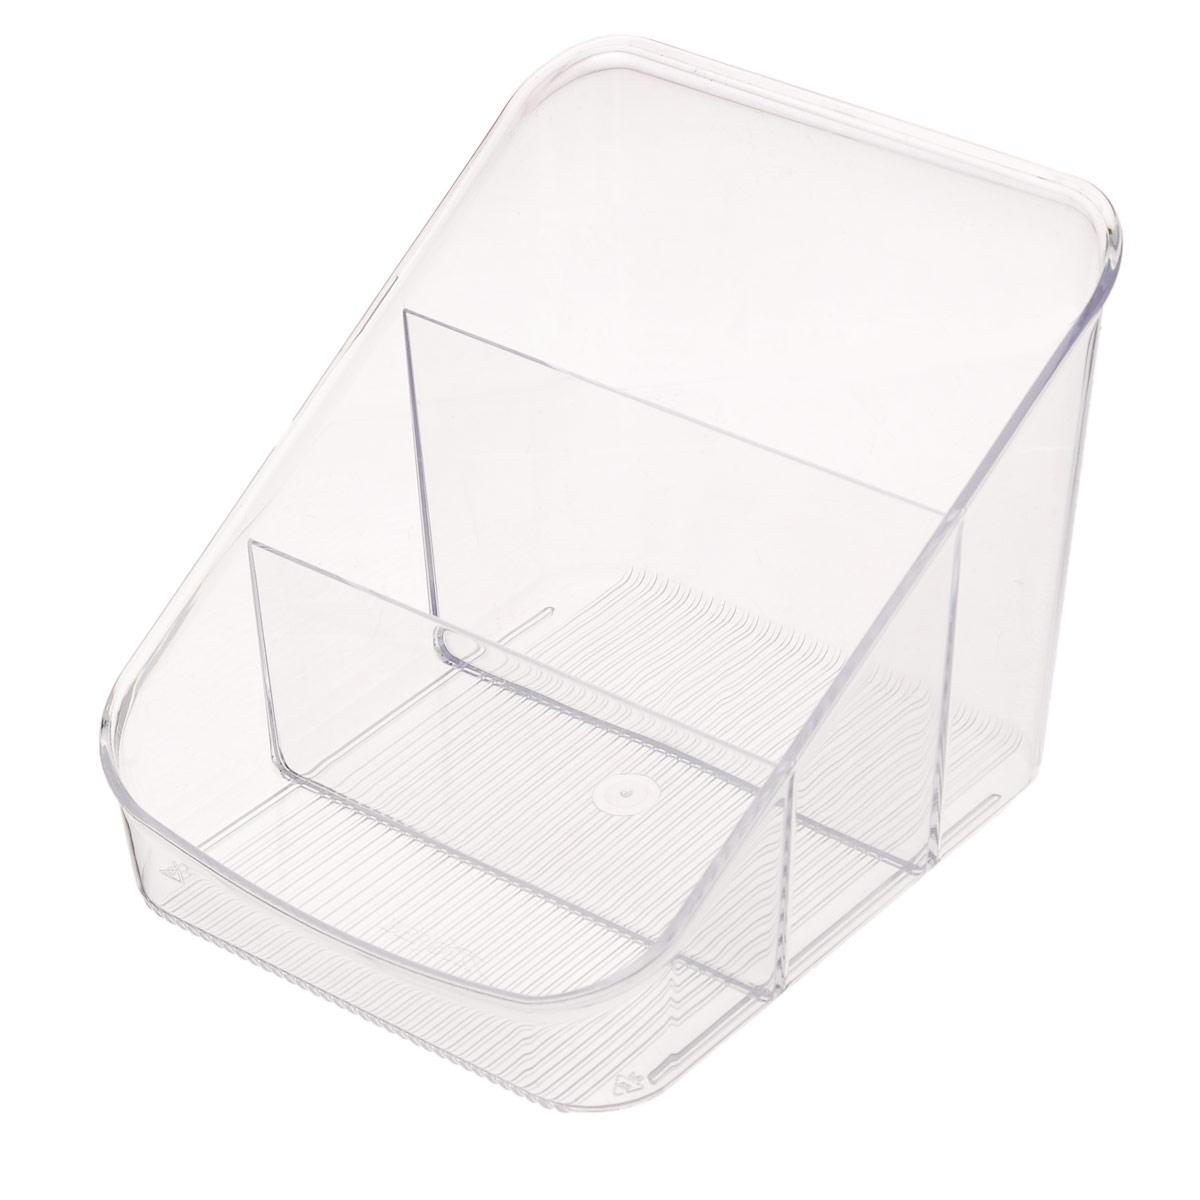 """Органайзер для специй """"Alt"""" выполнен из прочного пластика и разделен на 3 секции. С ним все ваши специи всегда будут на своем месте.Благодаря своим небольшим размерам изделие удобно впишется в стандартный кухонный шкаф, или разместится на столе. В таком органайзере также удобно хранить канцелярские принадлежности. Замечательный органайзер поможет навести на кухне полный порядок и расставить все по местам."""